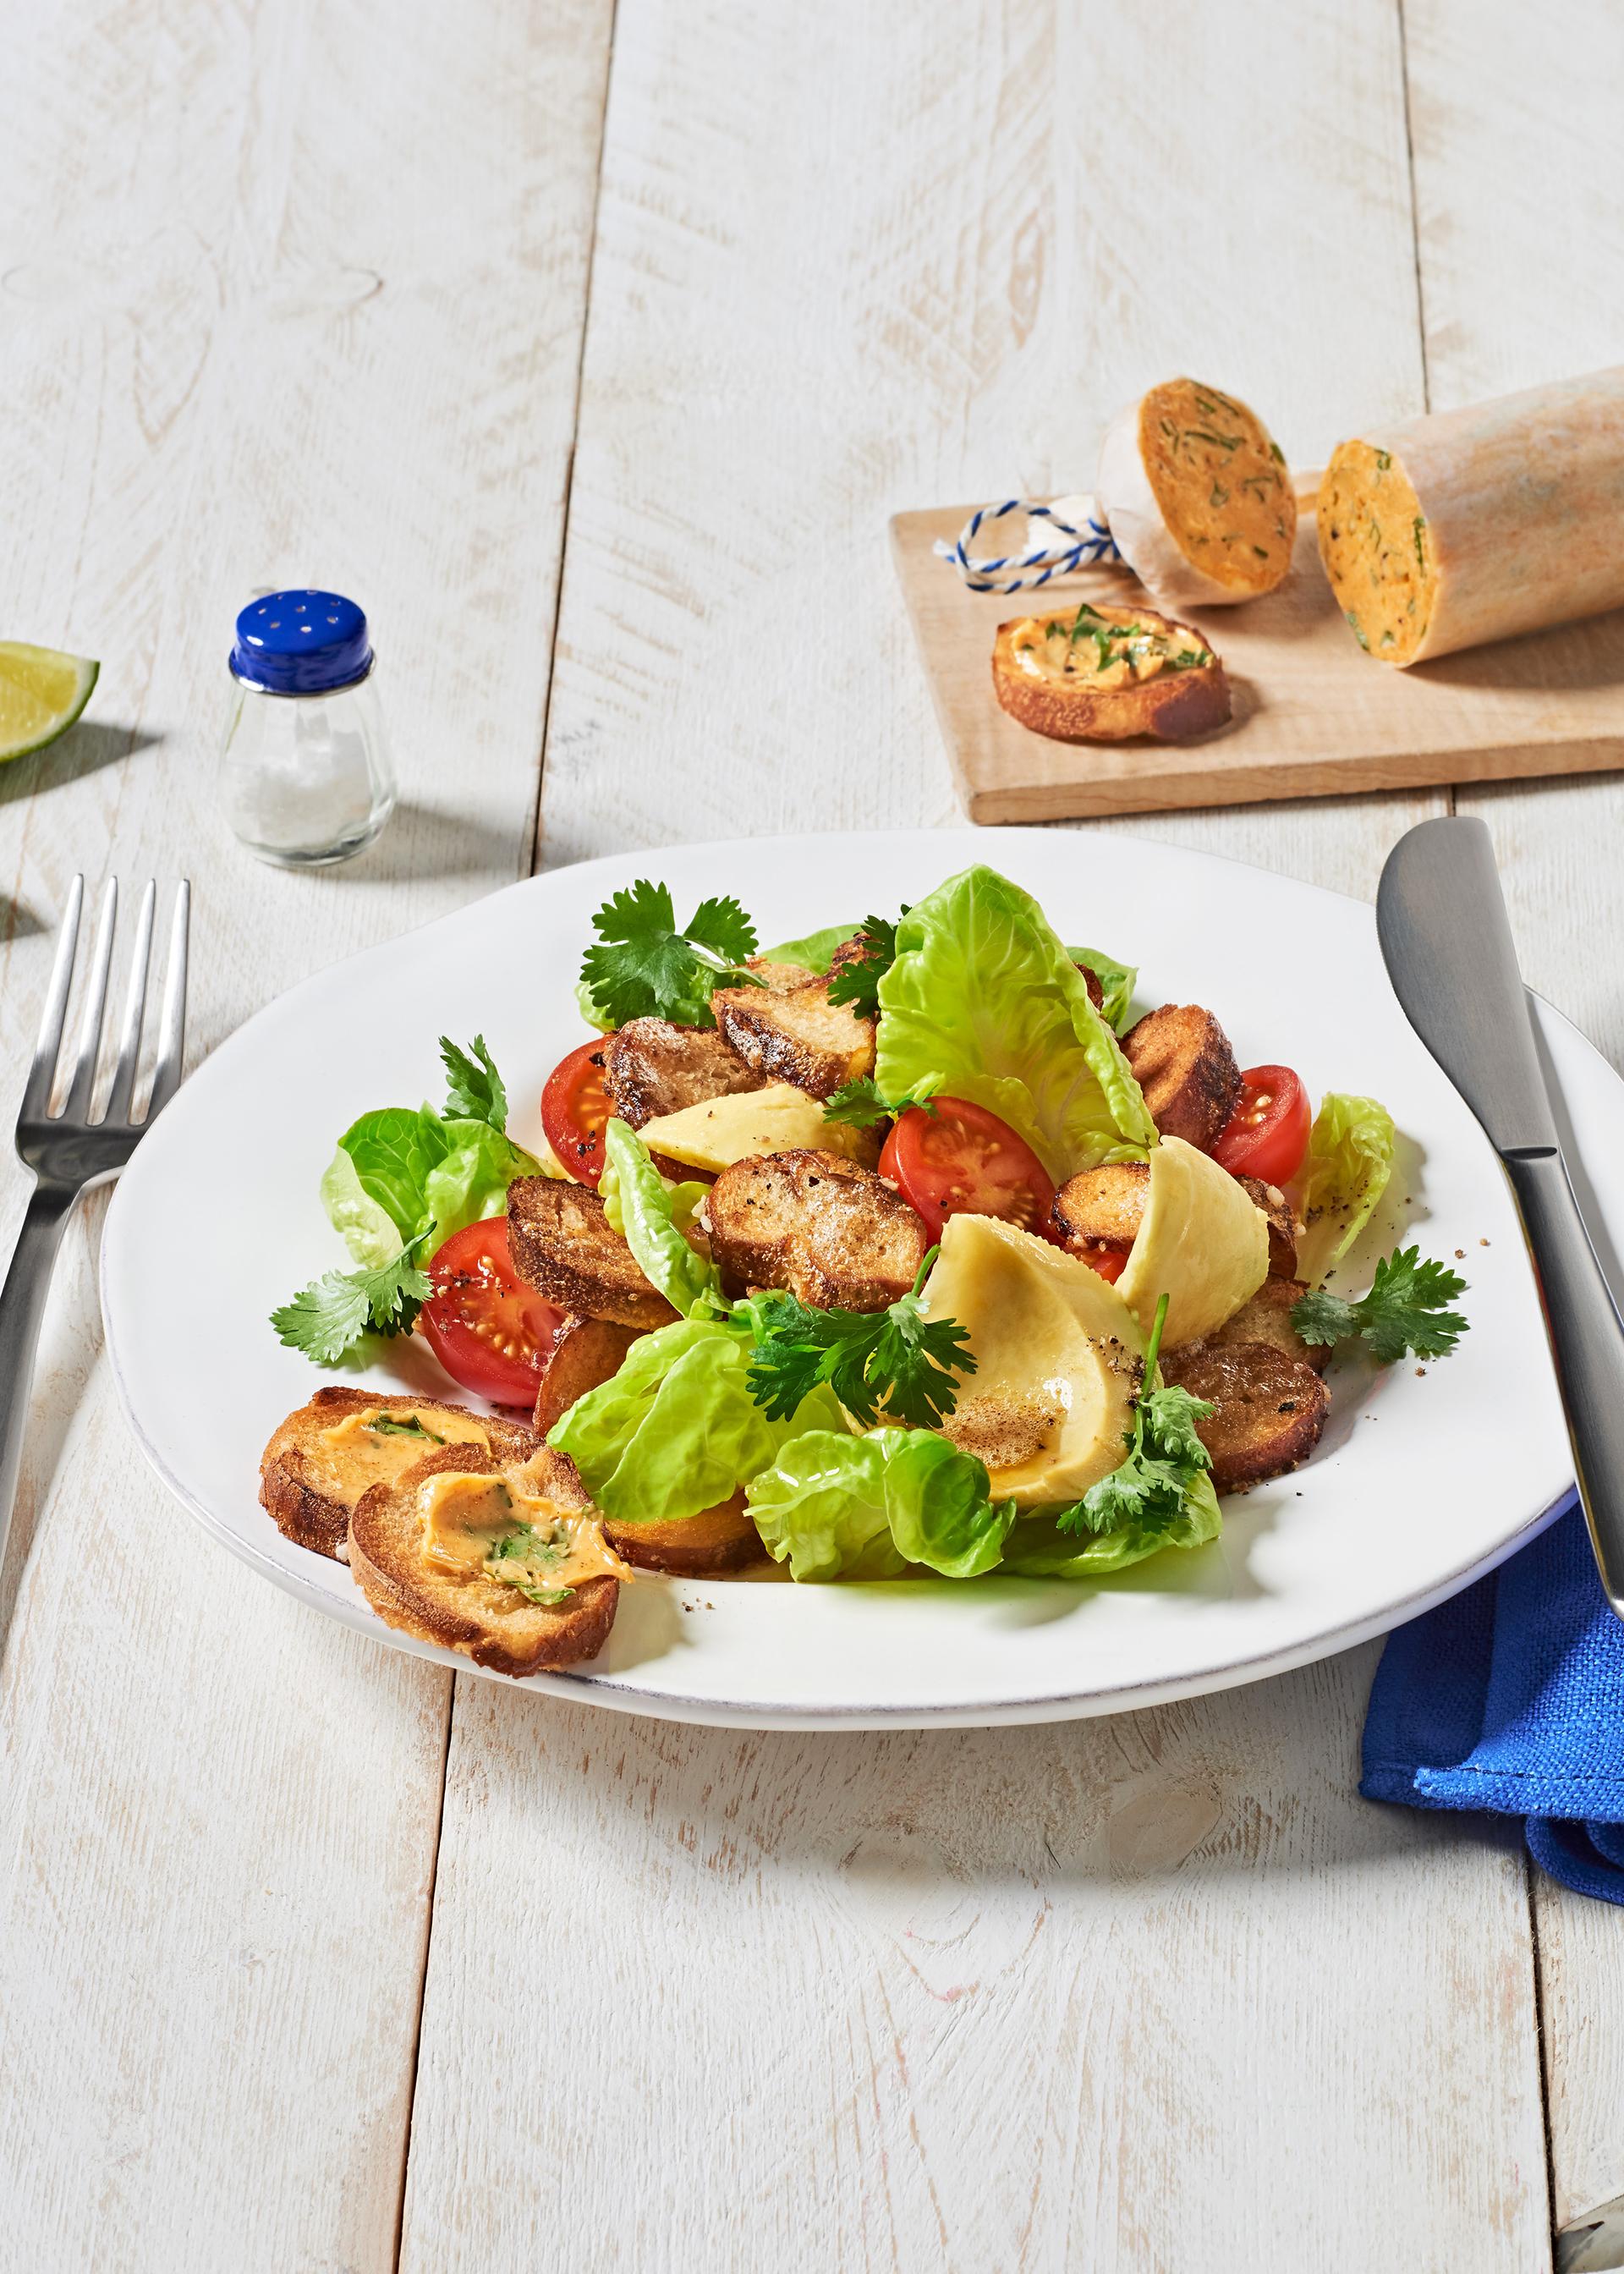 Der bayerische Brezensalat eignet sich prima, um Brezen vom Vortag zu verwerten